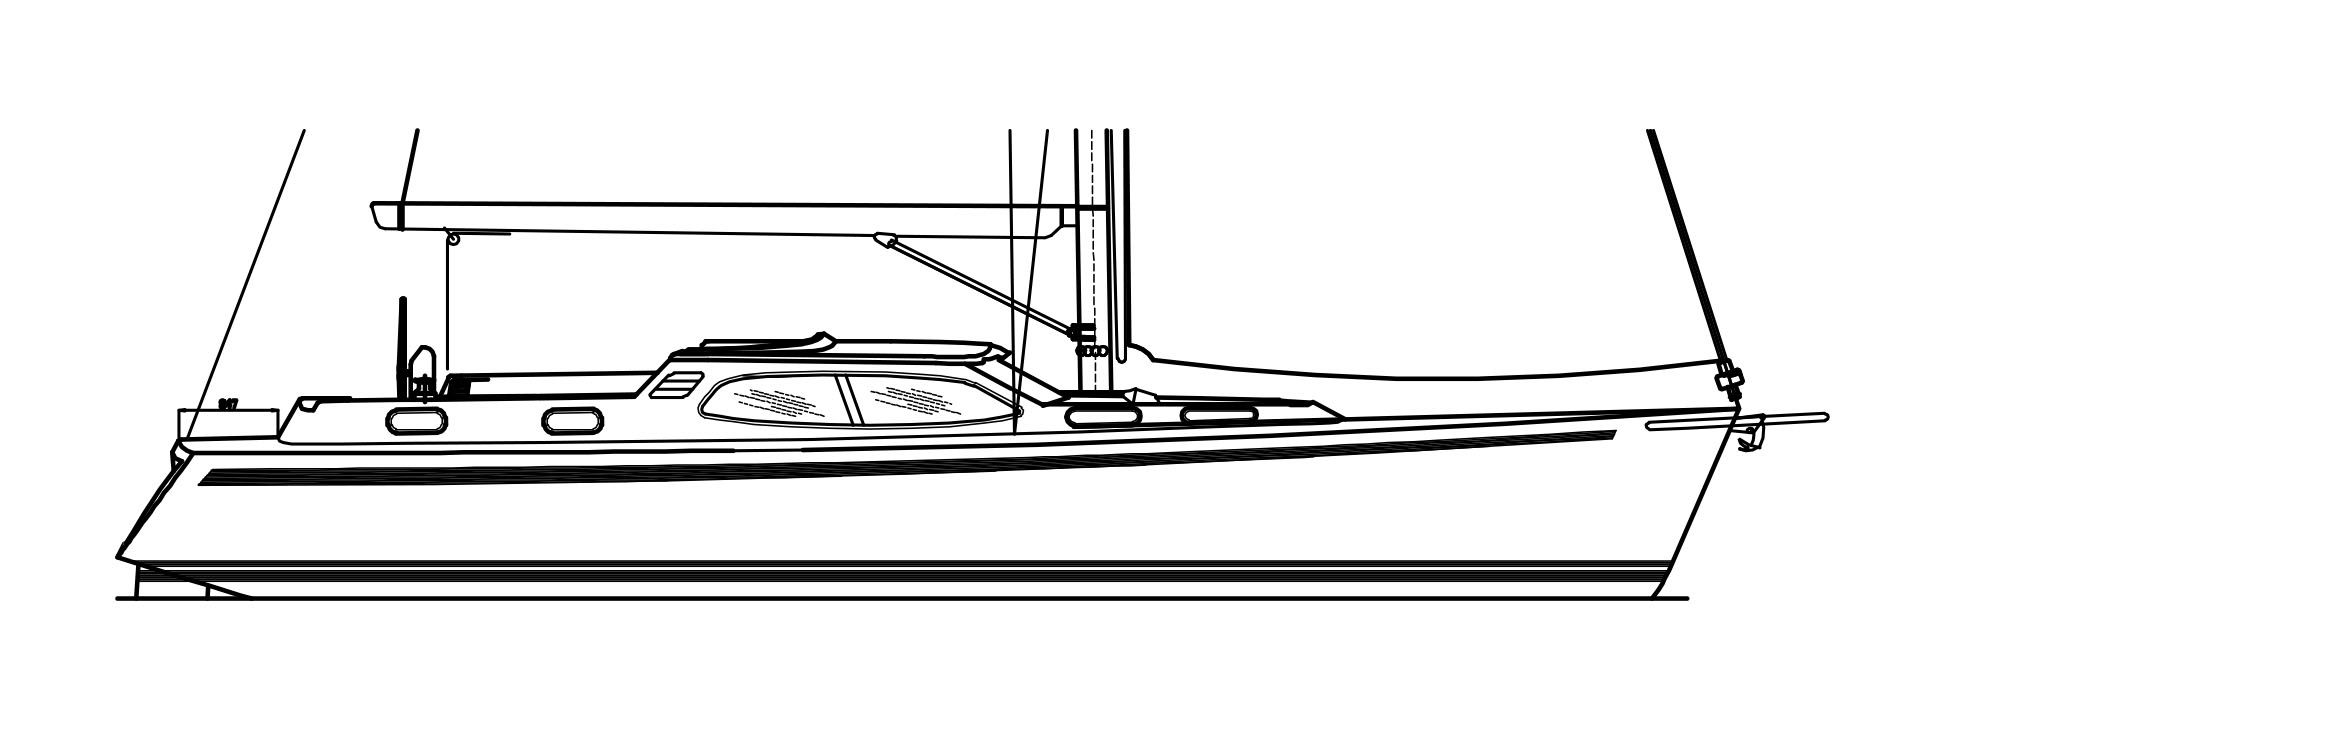 Nordship 46 deck saloon costum design